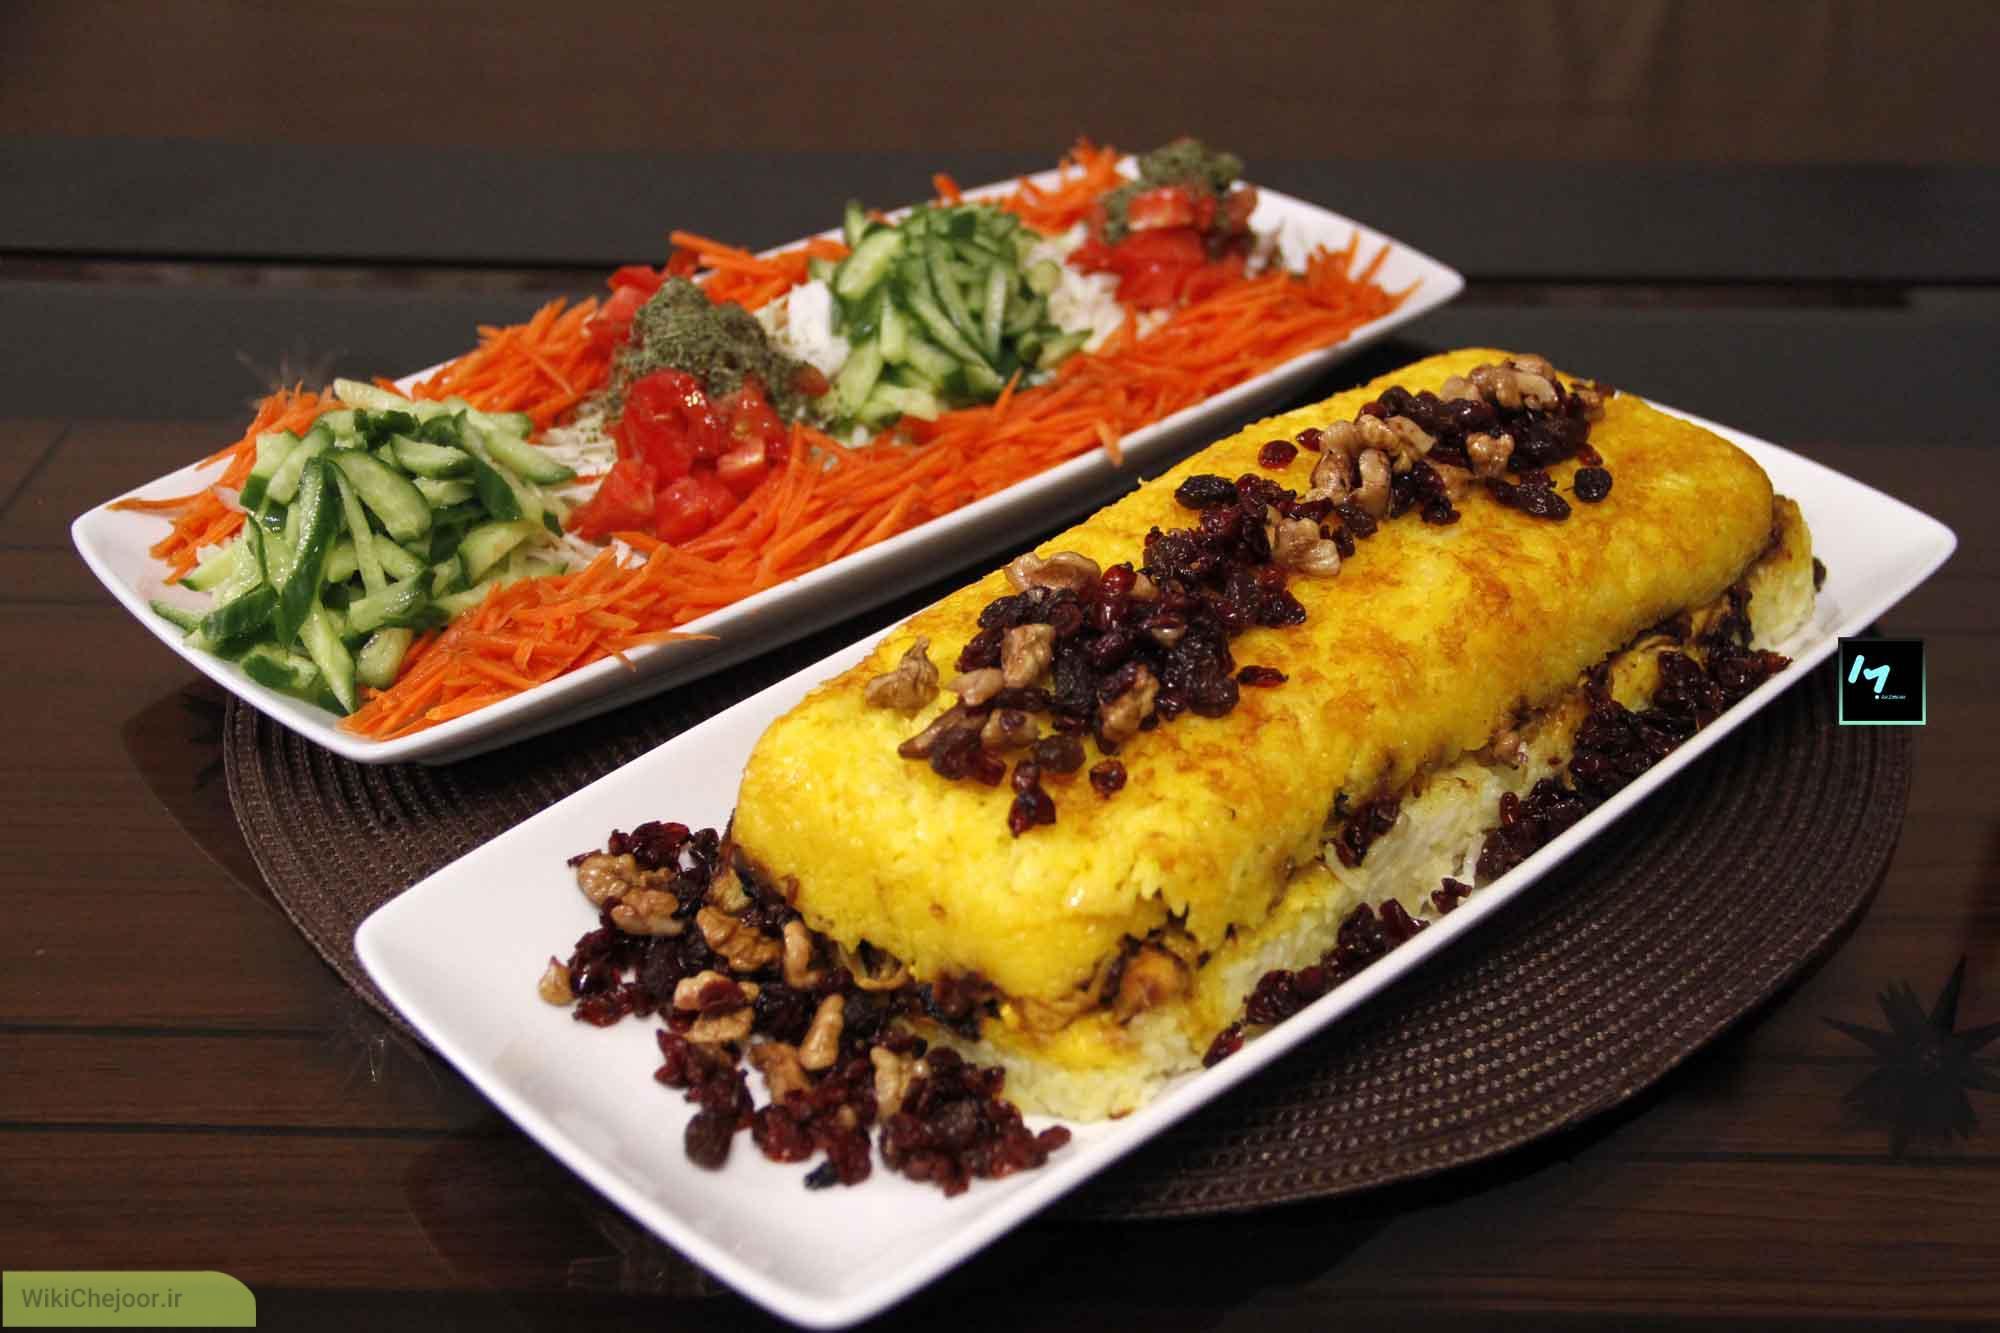 چگونه ته چین مرغ و بادمجان(شیراز)بپزم؟